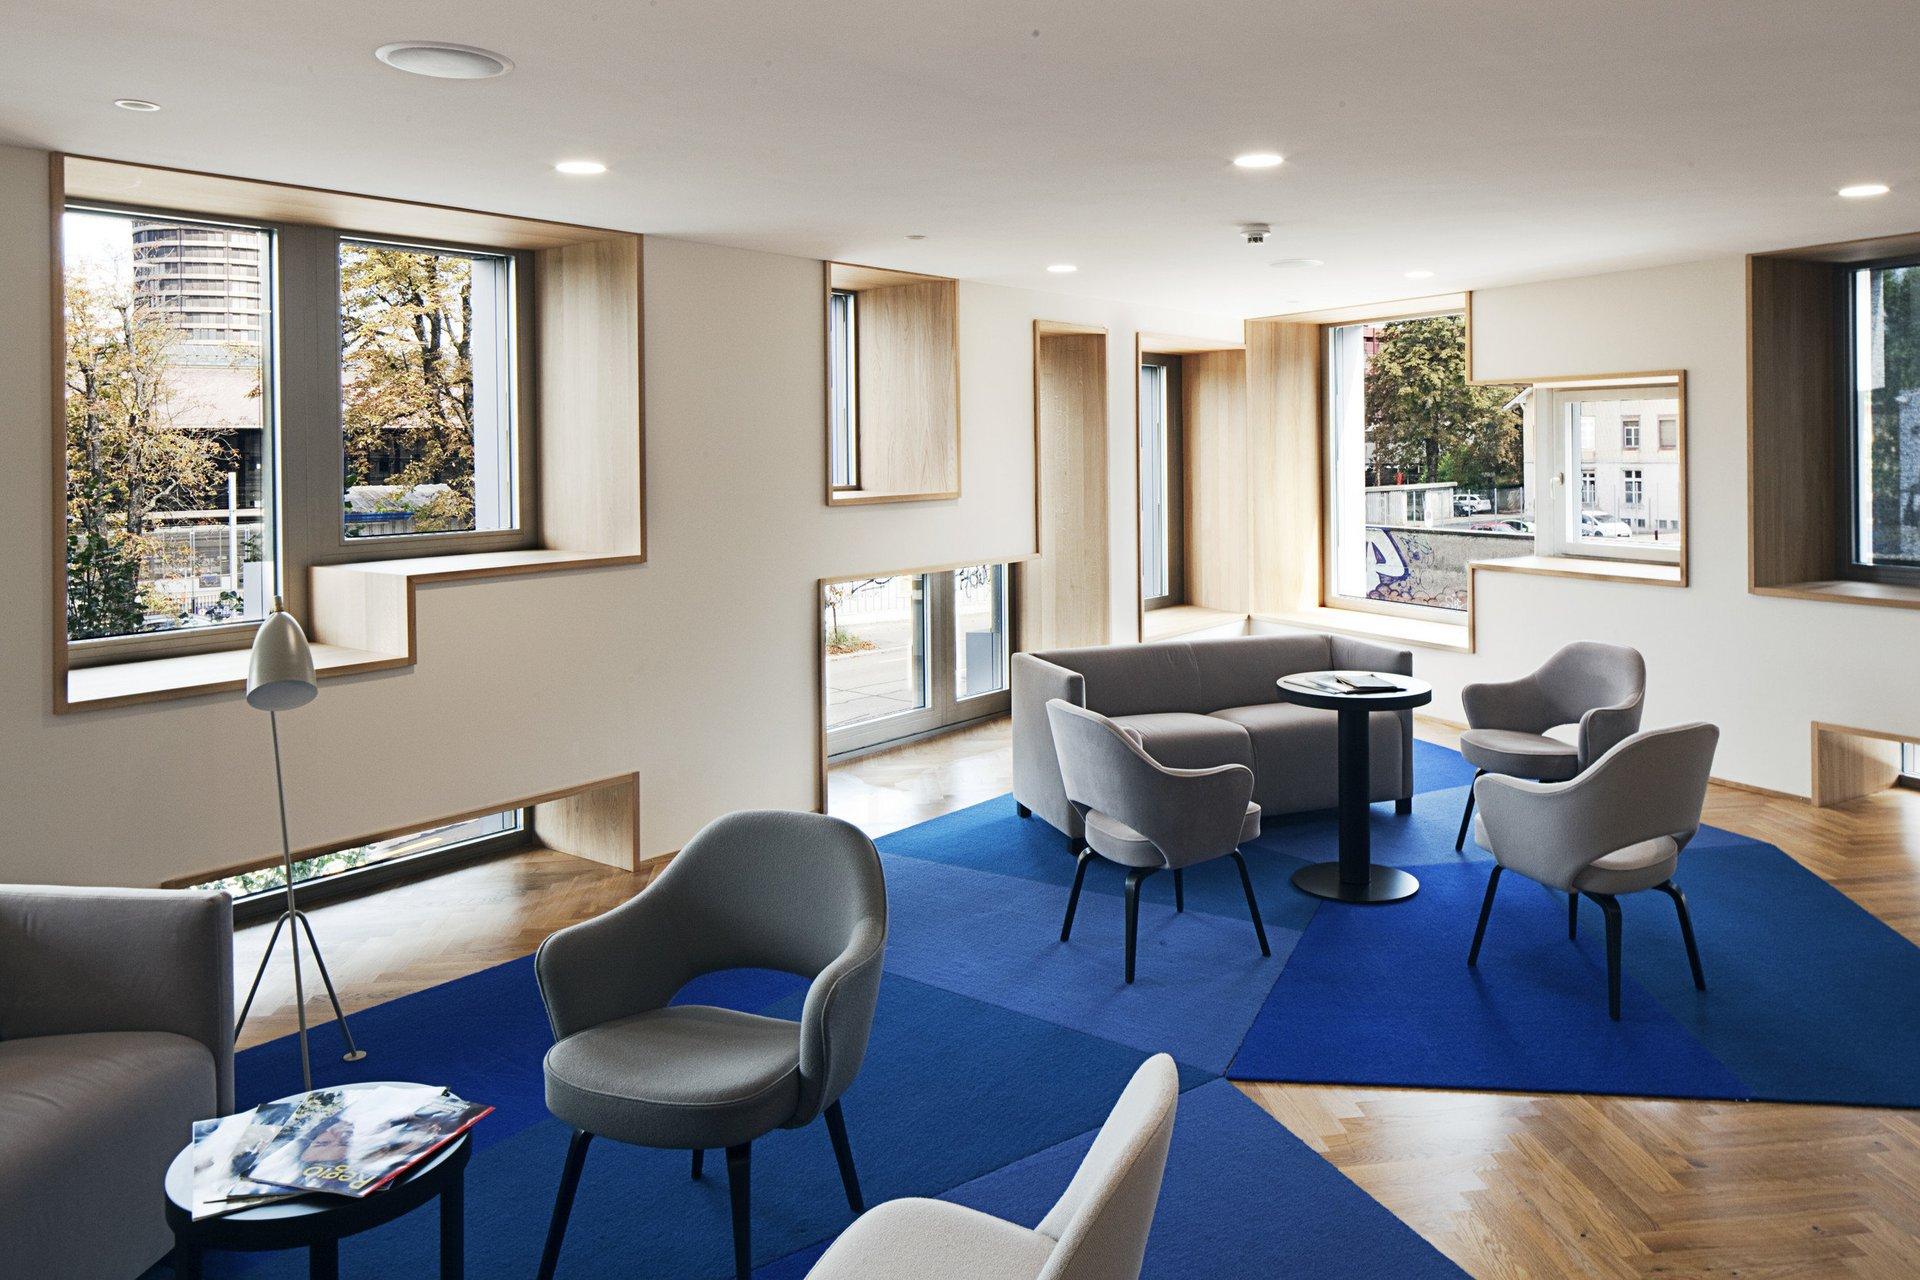 Möbilierter Raum mit geometrischen Fenstern als grosse Lichtquelle